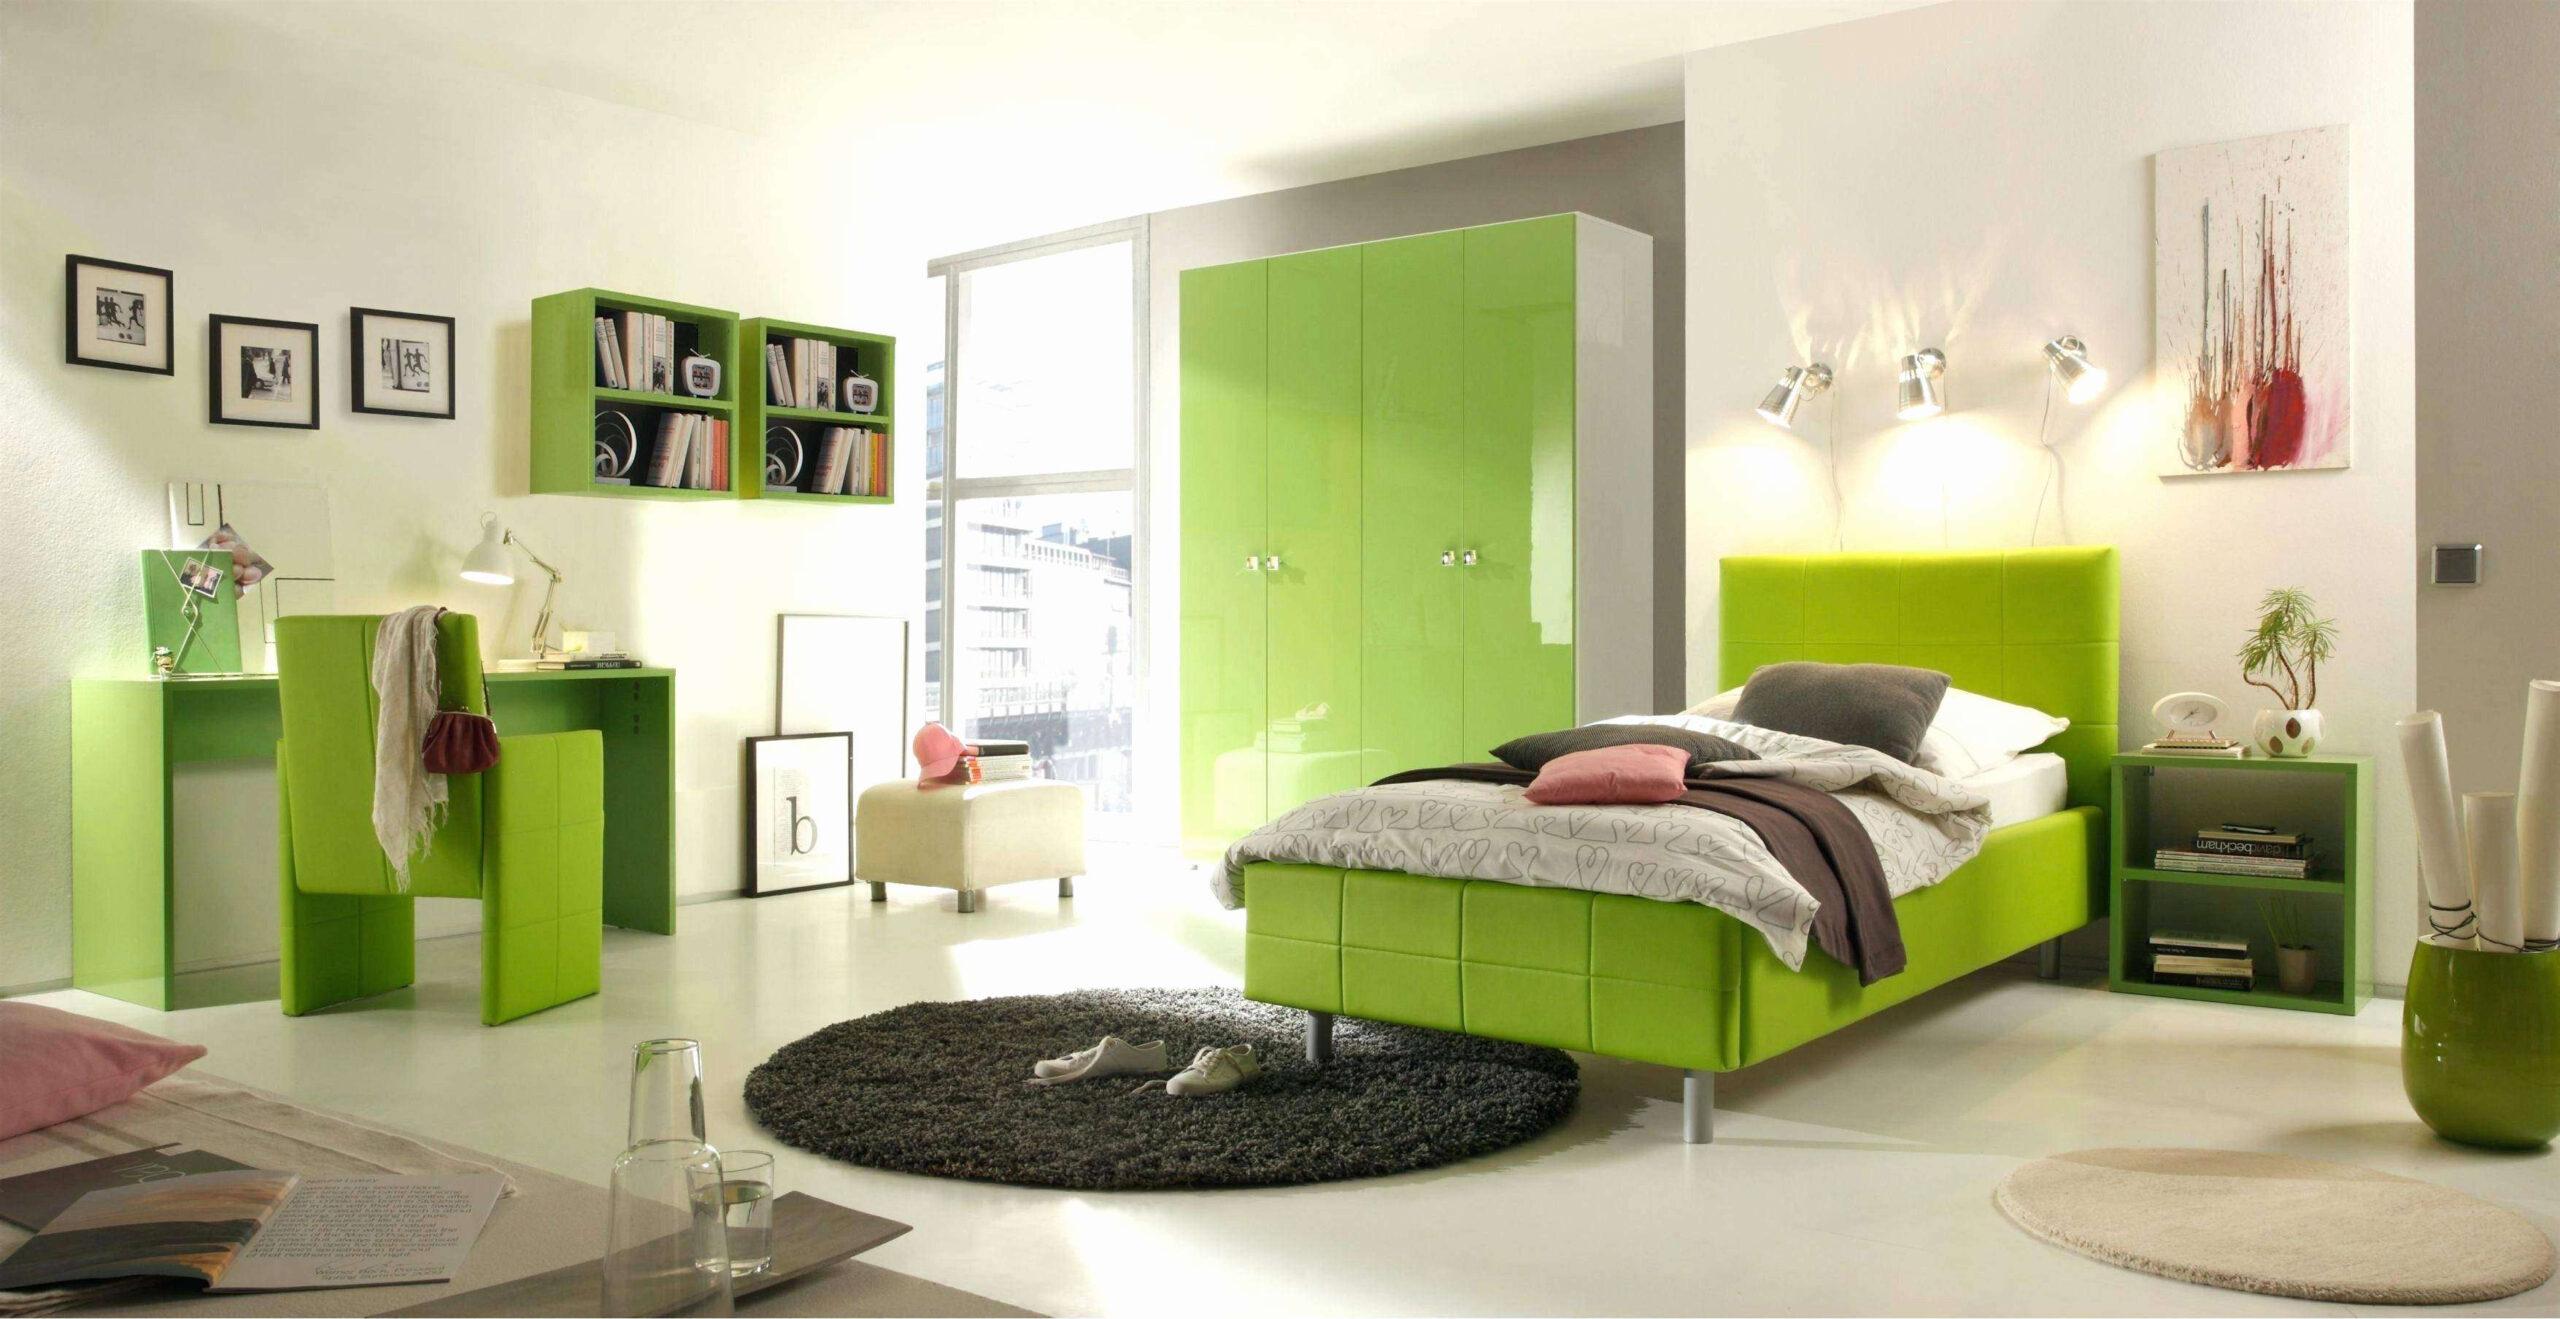 Full Size of Ikea Jugendzimmer Bett Sofa Mit Schlaffunktion Betten Bei Küche Kosten 160x200 Kaufen Miniküche Modulküche Wohnzimmer Ikea Jugendzimmer